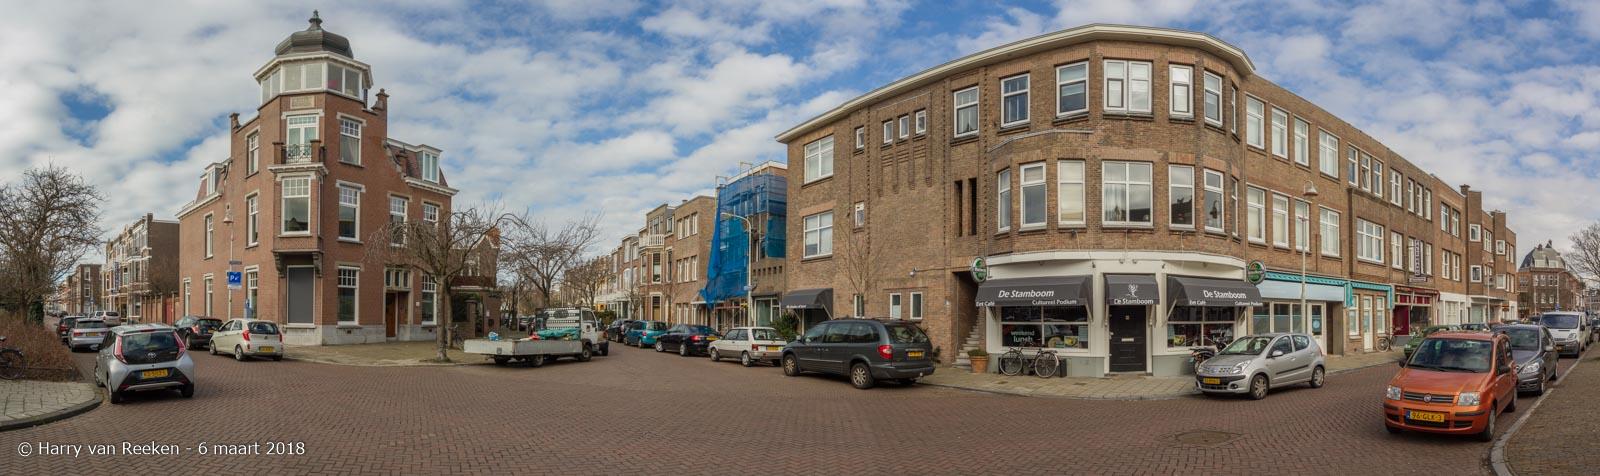 Eikstraat-Thomsonlaan-wk12-pano (1 van 1)